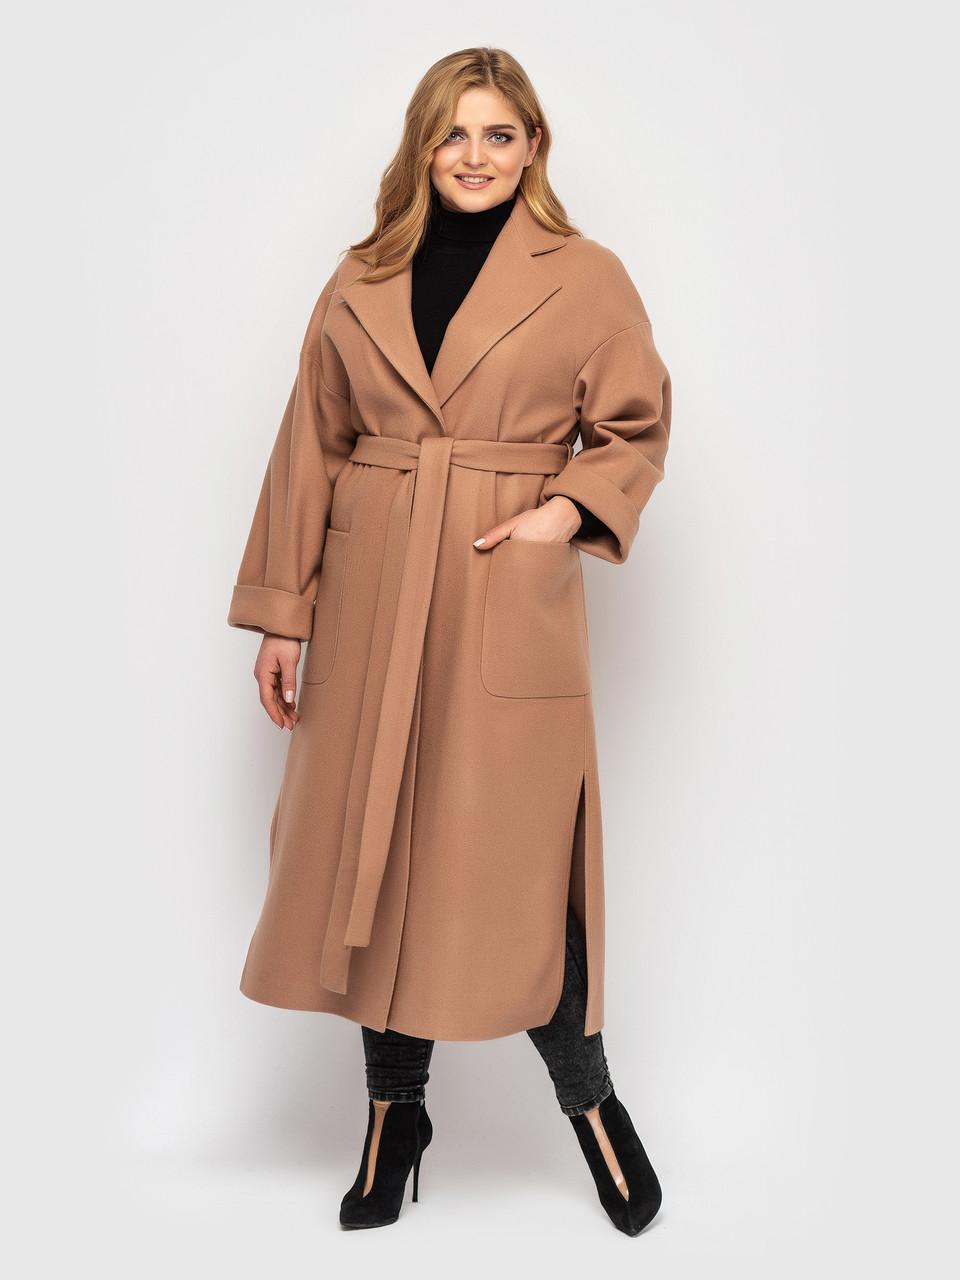 Пальто удлиненное кашемировое Беж Размеры  48-50 52-54 56-58